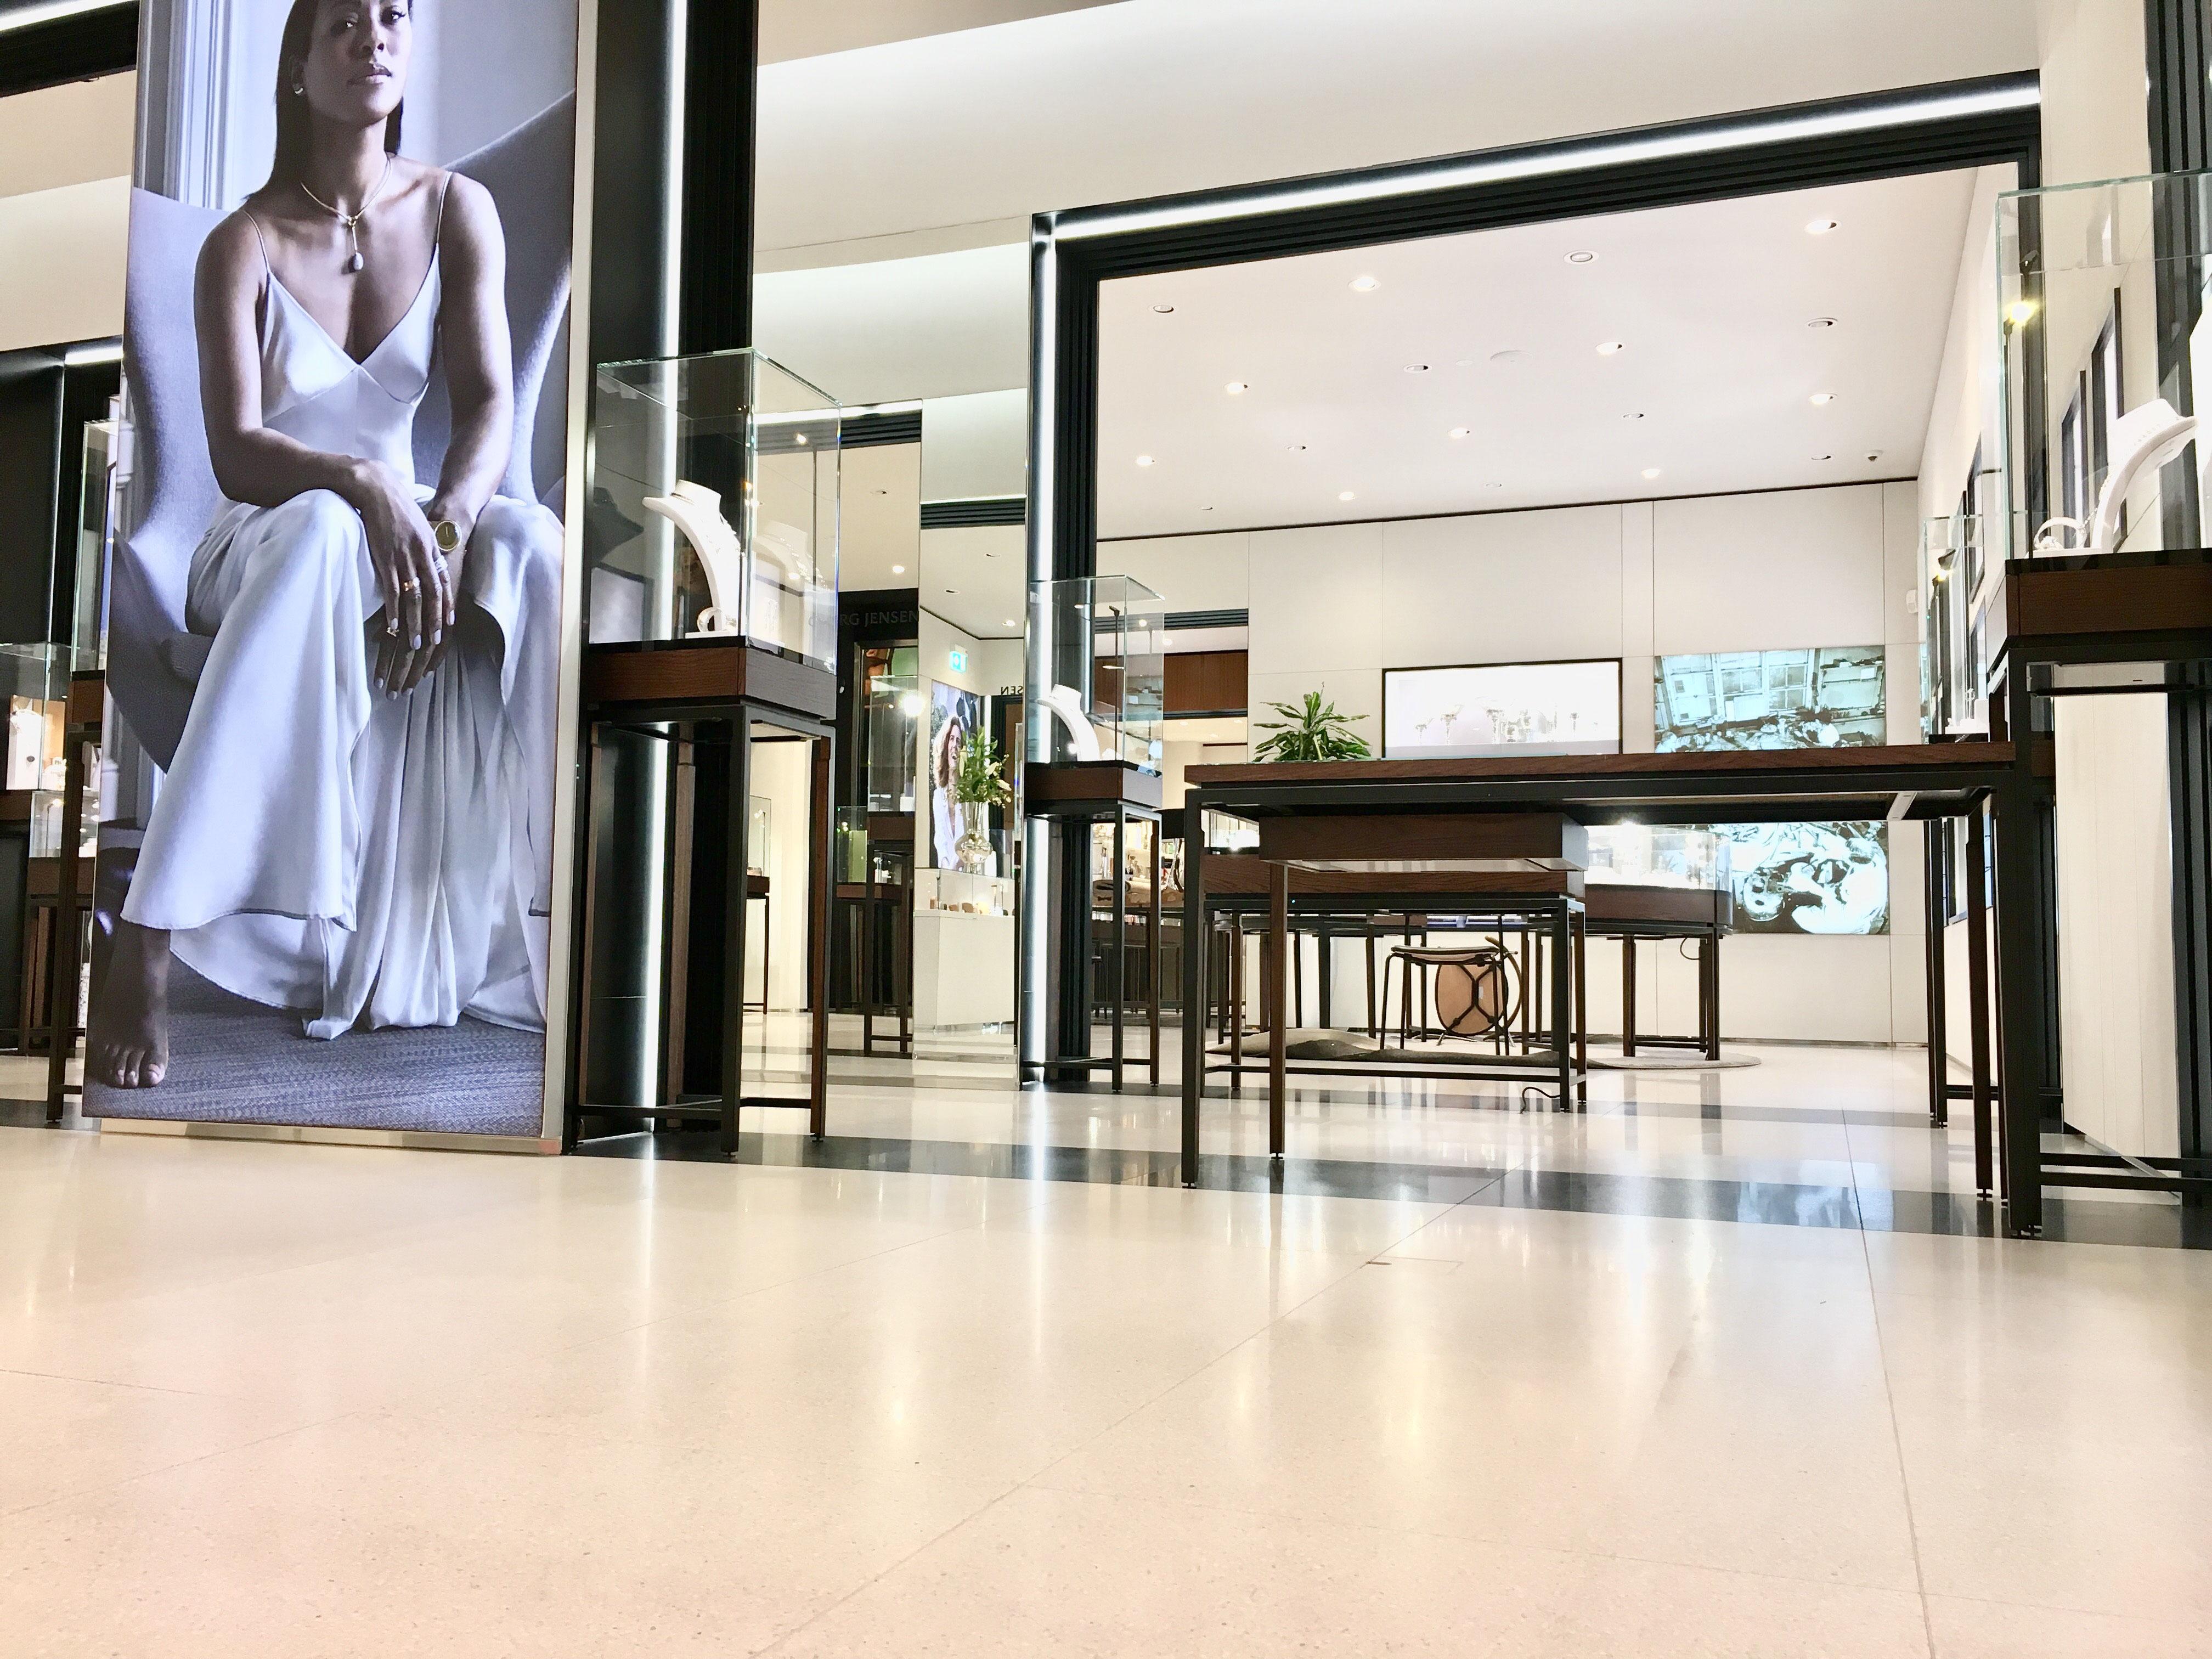 schleif e x p e r t e n natursteinbodenreinigung marmor schleifen ulm marmor schleifen stuttgart. Black Bedroom Furniture Sets. Home Design Ideas